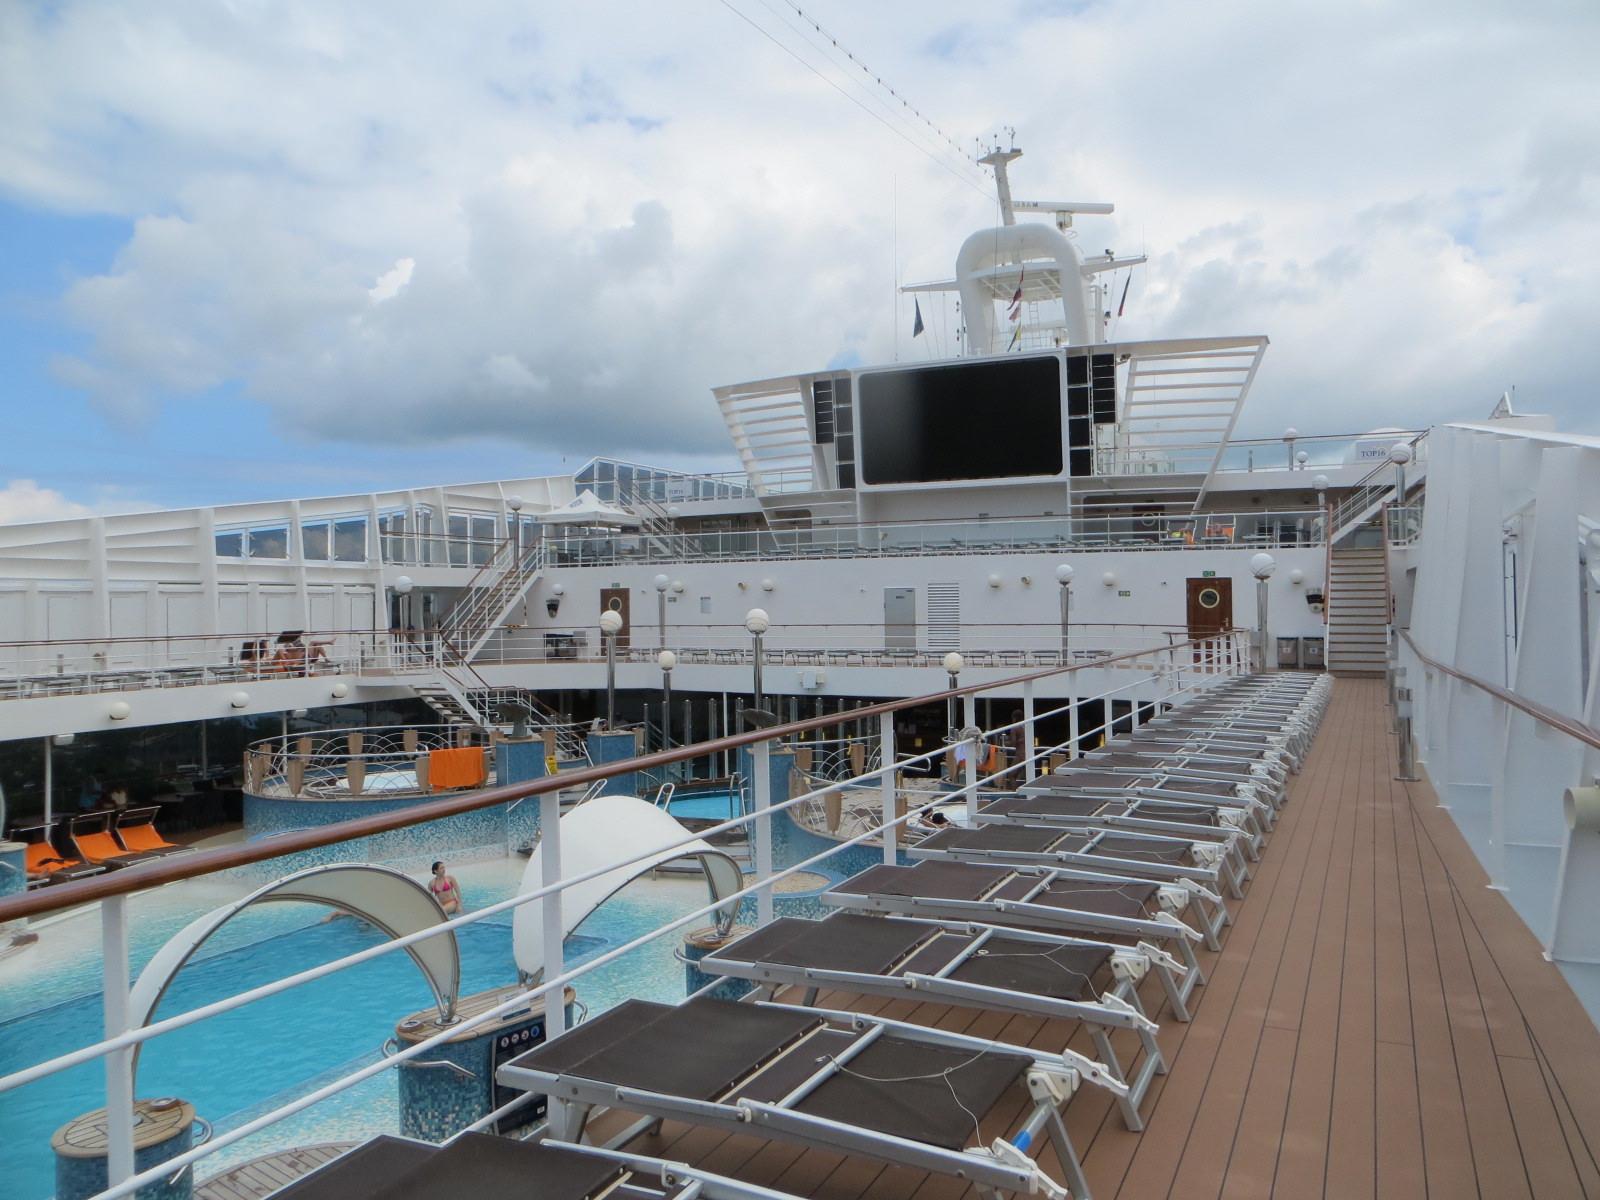 Una anciana despierta la curiosidad de las redes al viajar siempre sola en los cruceros